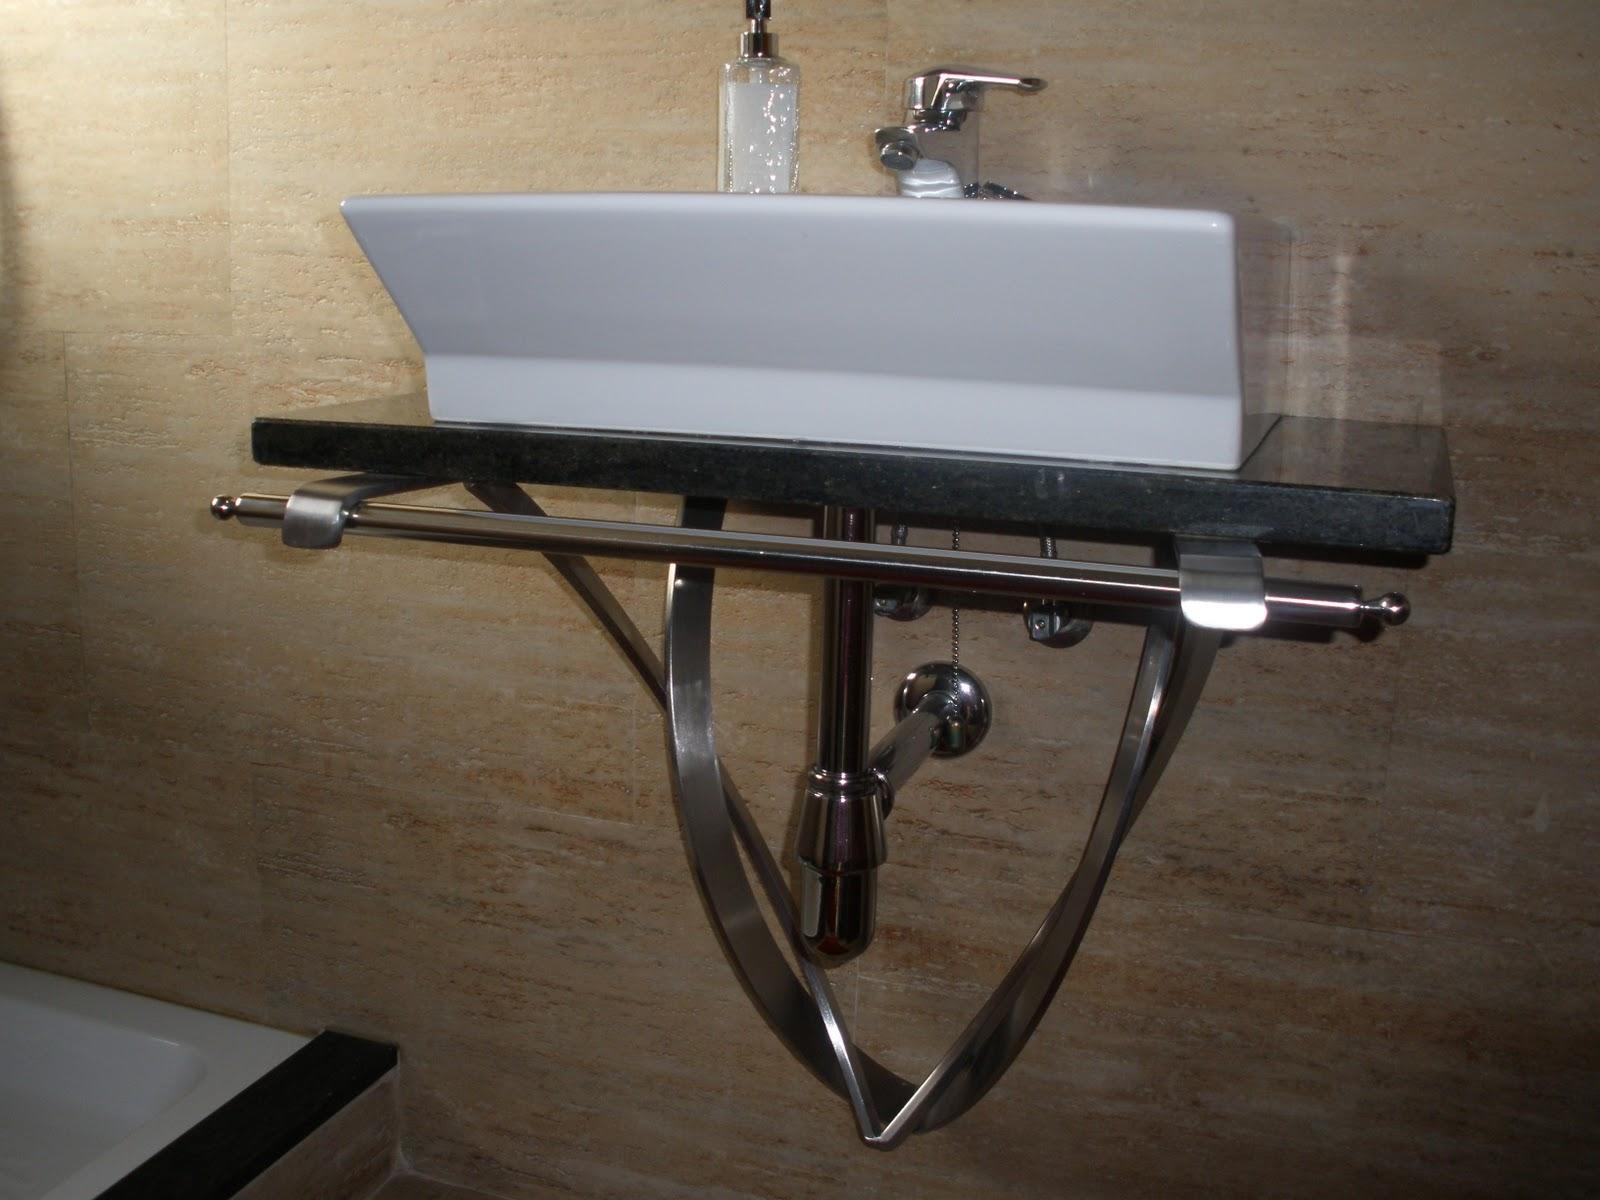 Talleres santiso soporte base para lavabo en acero inoxidable - Soporte para lavabo ...